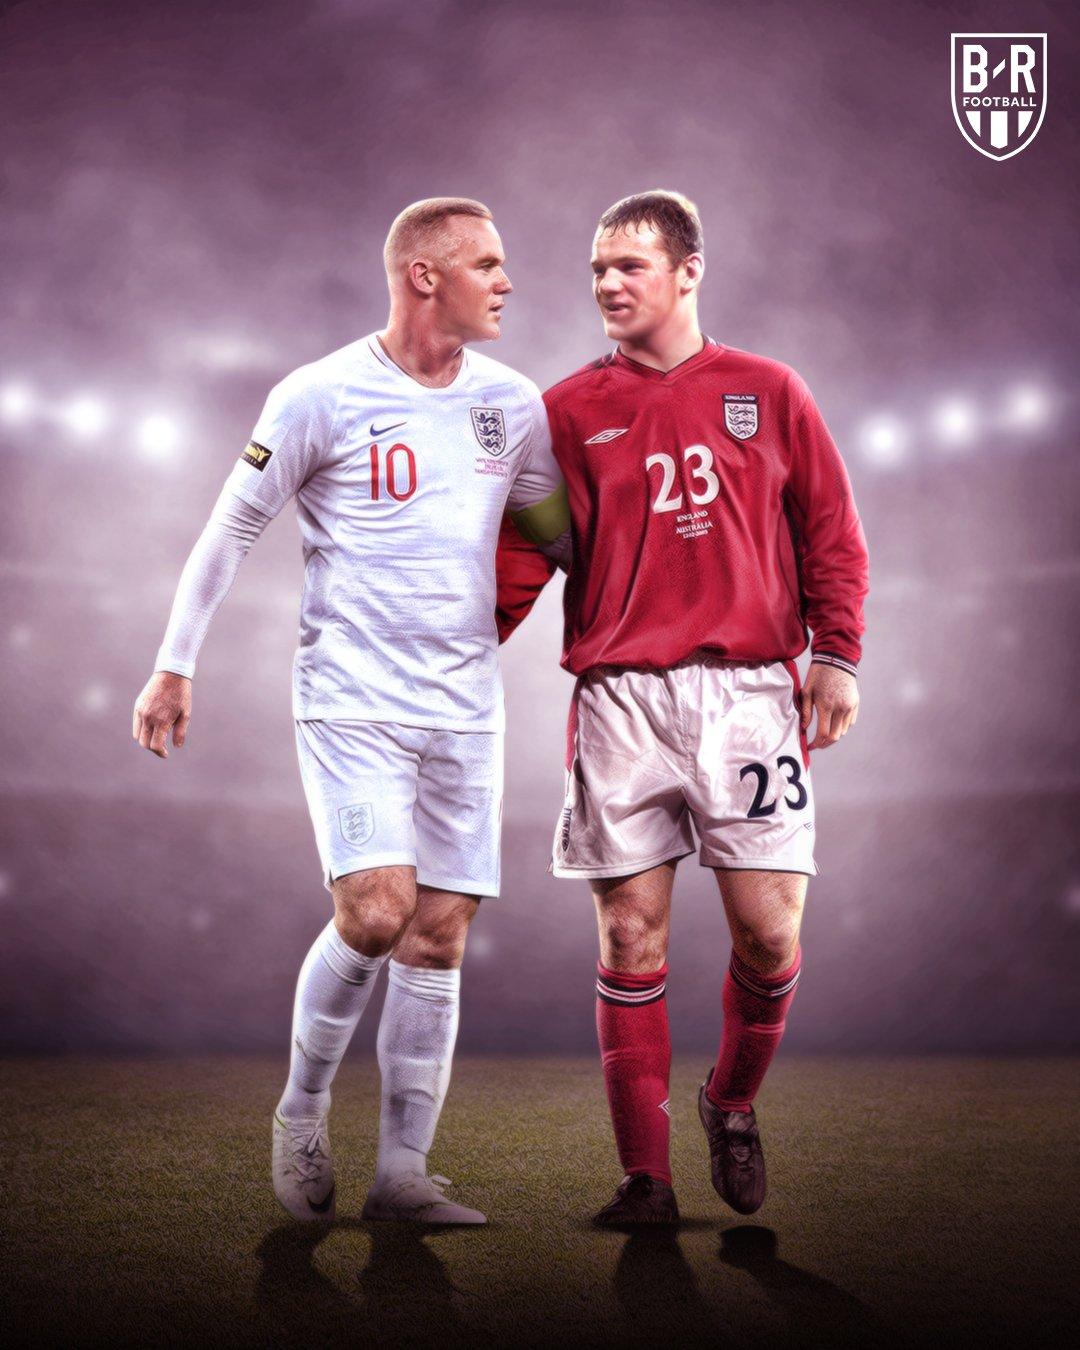 十七年前的今天,17岁111天的鲁尼首次代表英格兰队出场